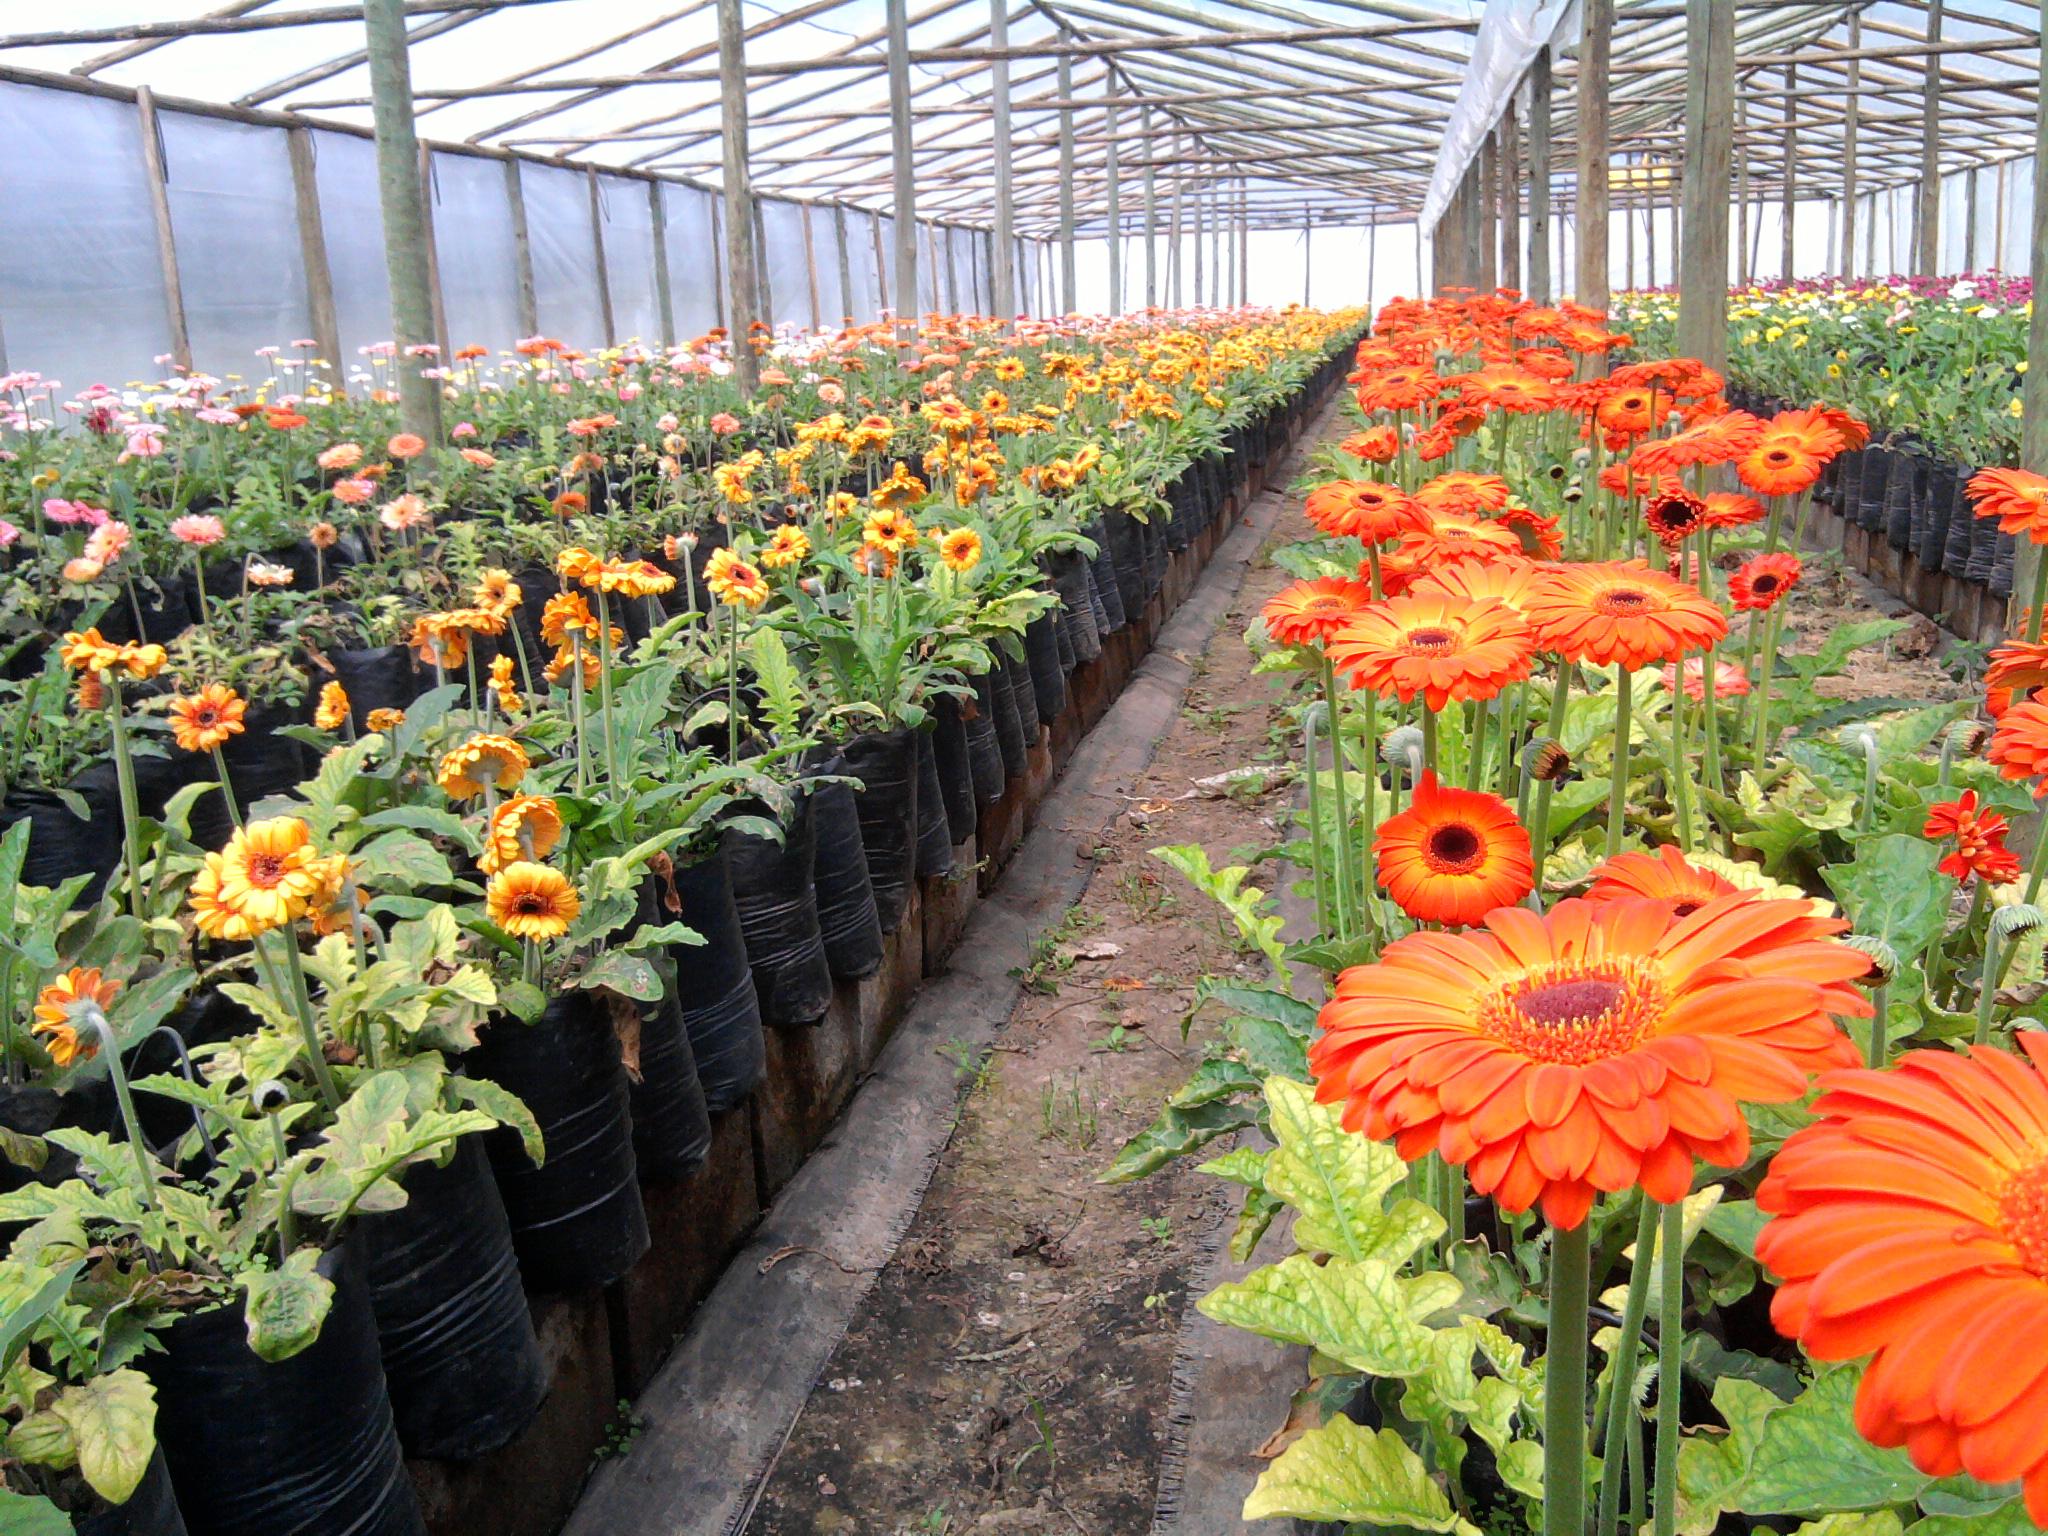 Vivero flores musacco flores musacco for Plantas que hay en un vivero